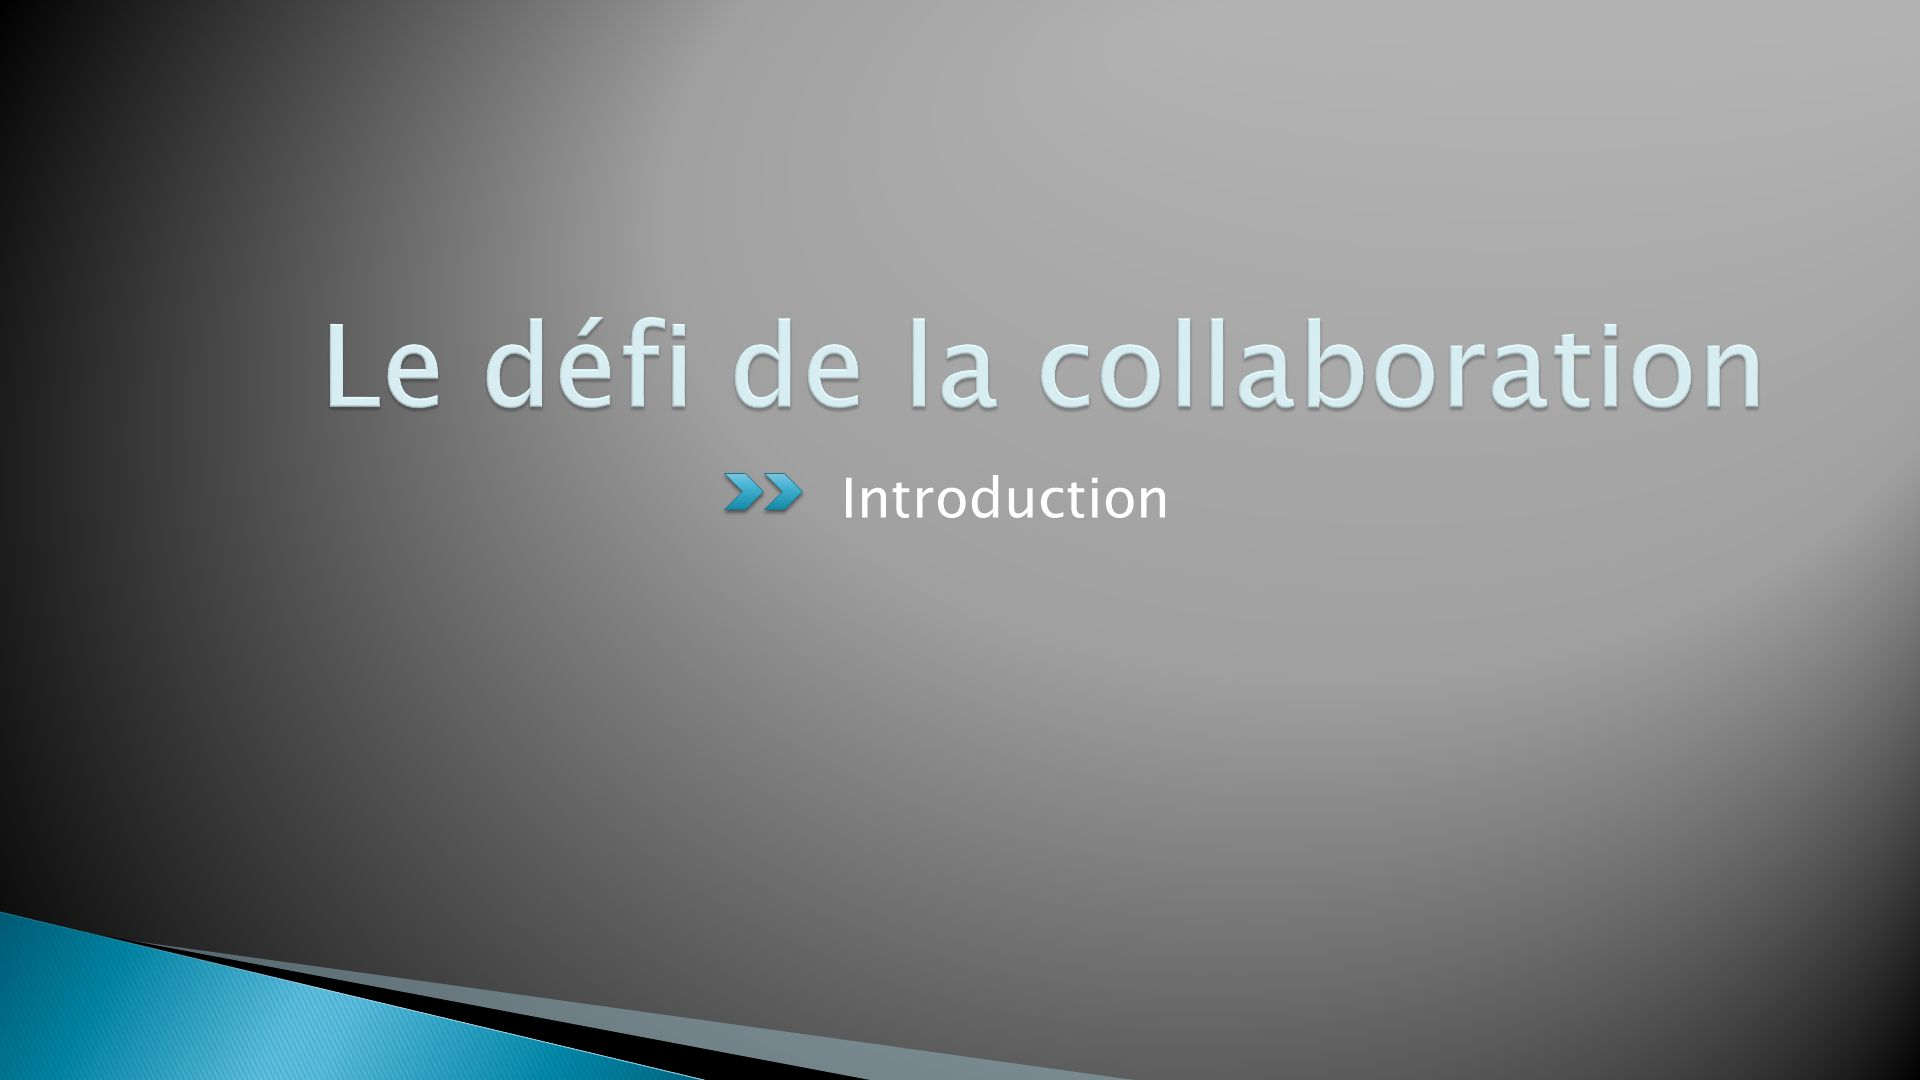 Le défi de la collaboration